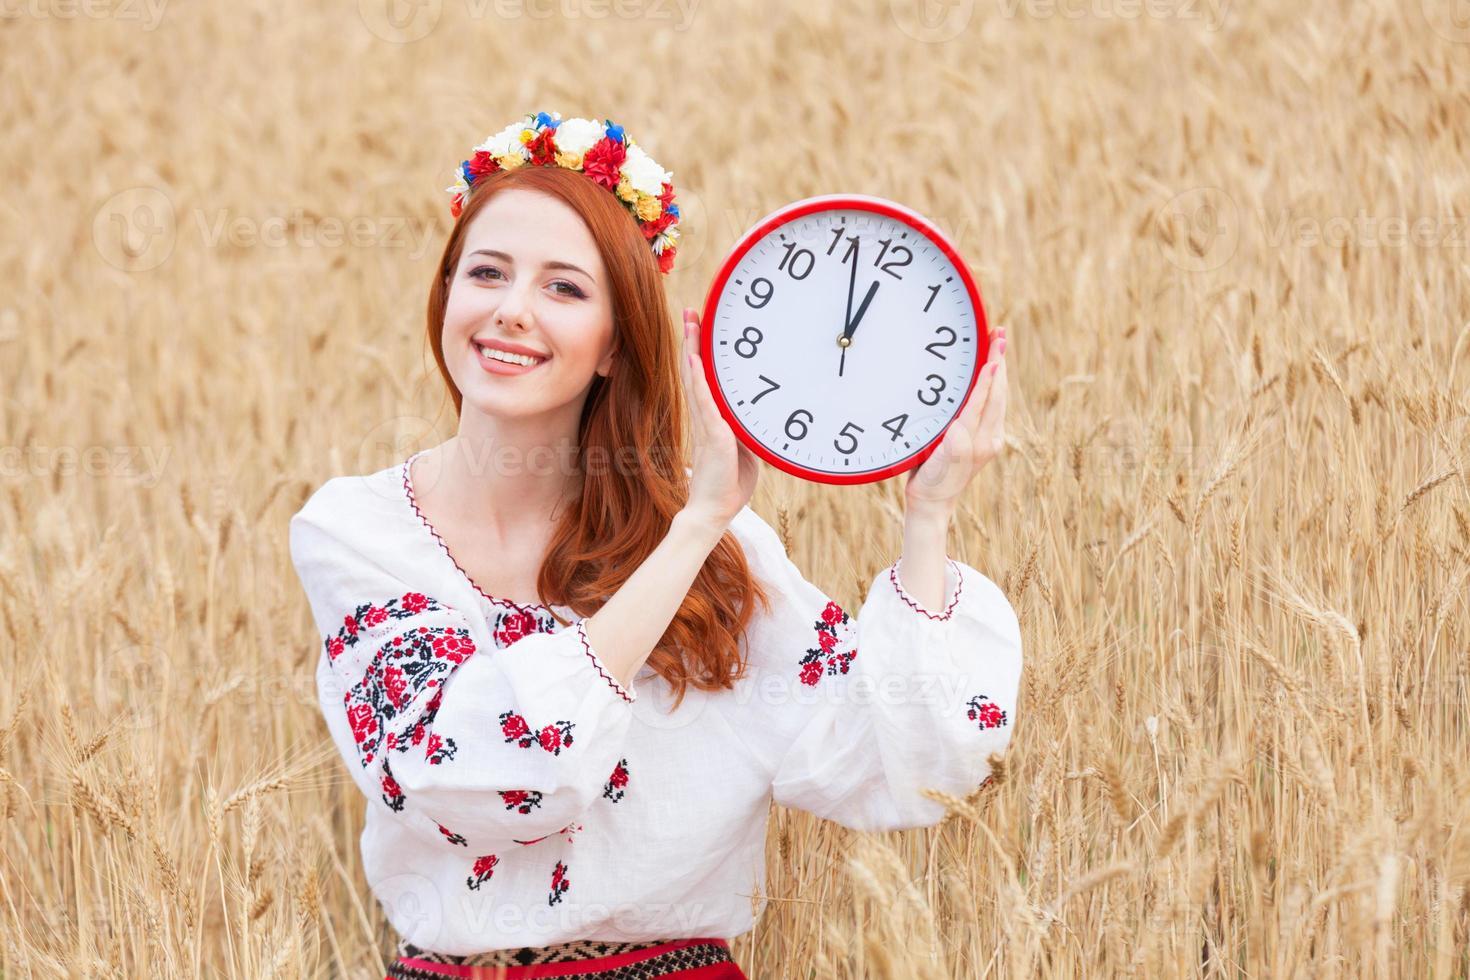 fille rousse en tenue nationale ukrainienne photo